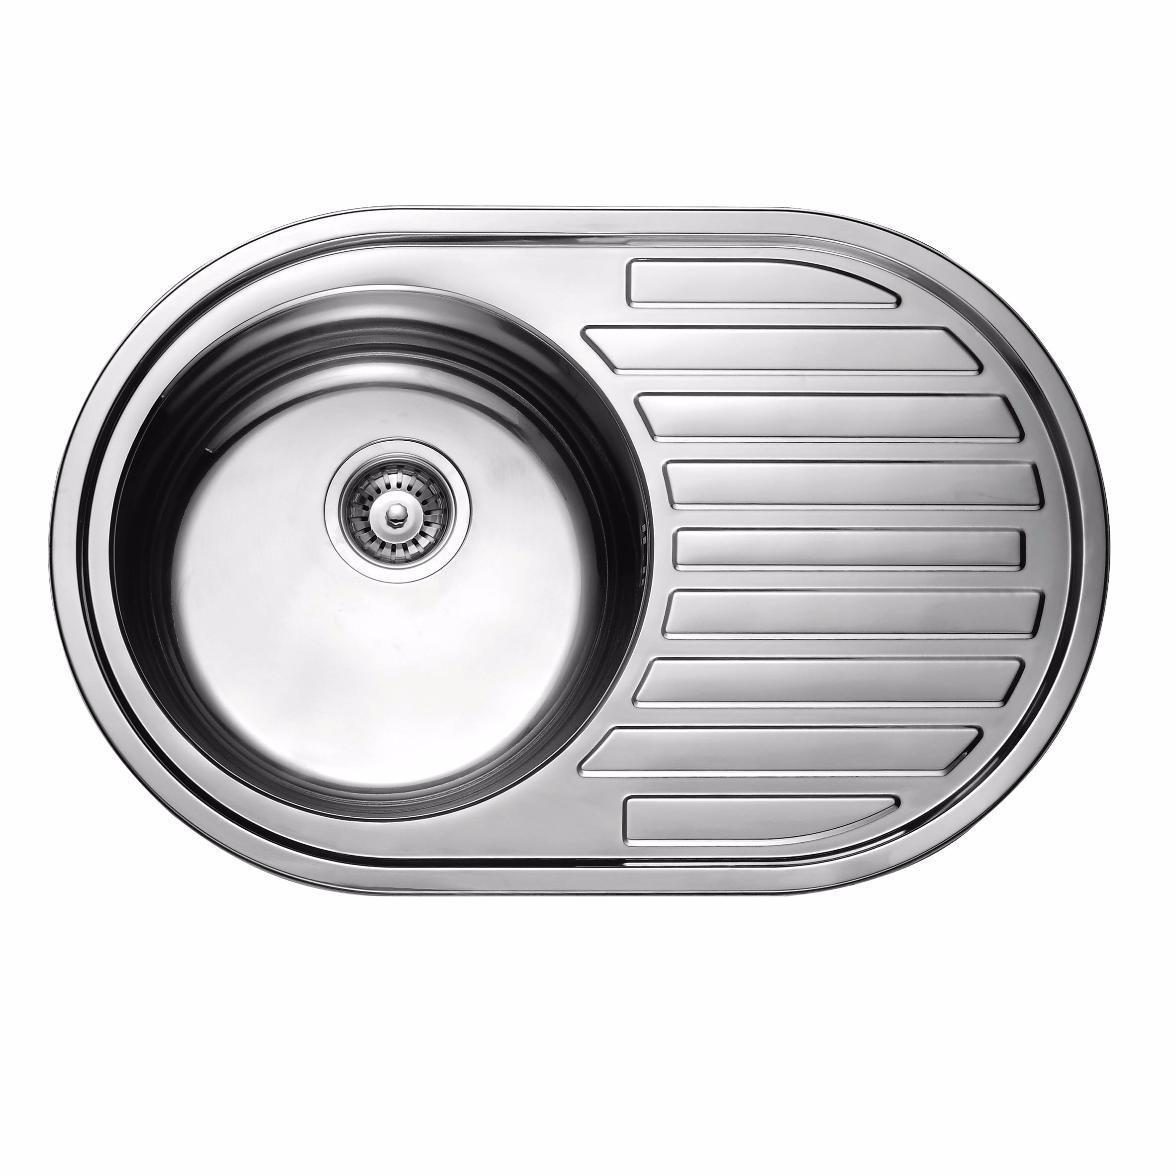 Кухонная мойка из нержавеющей стали ULA 7108 ZS DECOR